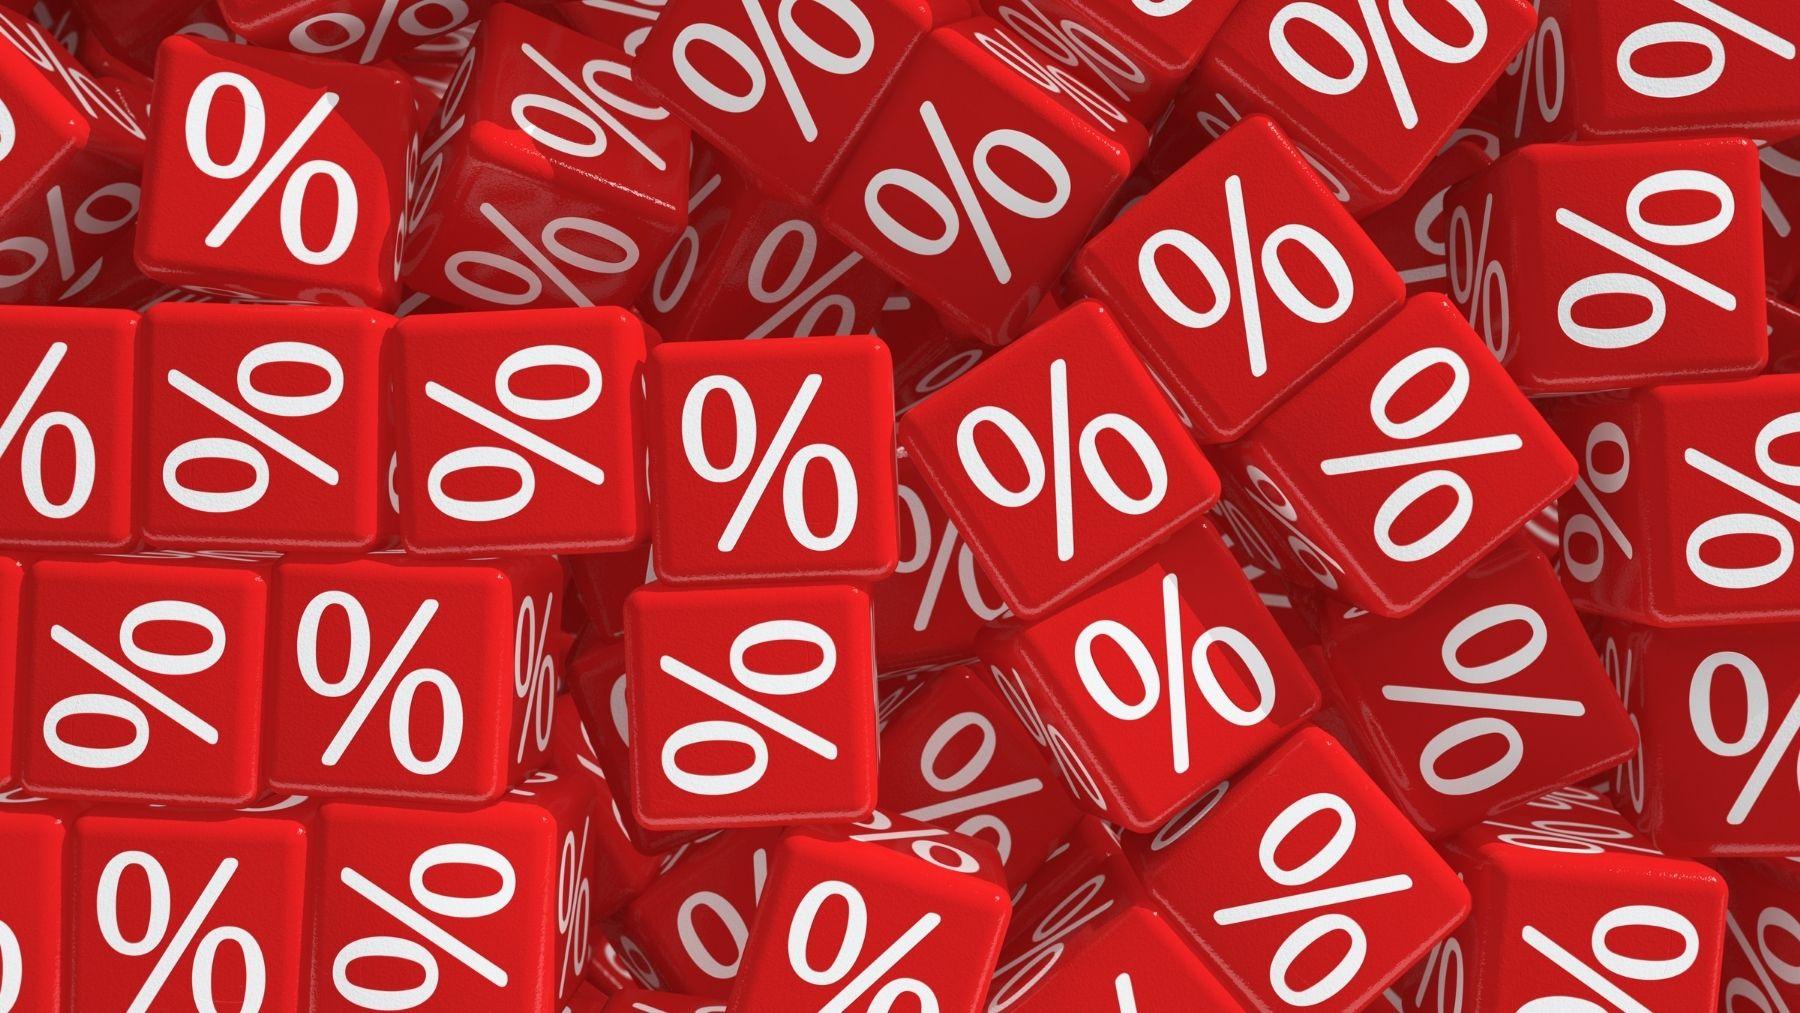 Cómo calcular el valor de descuento